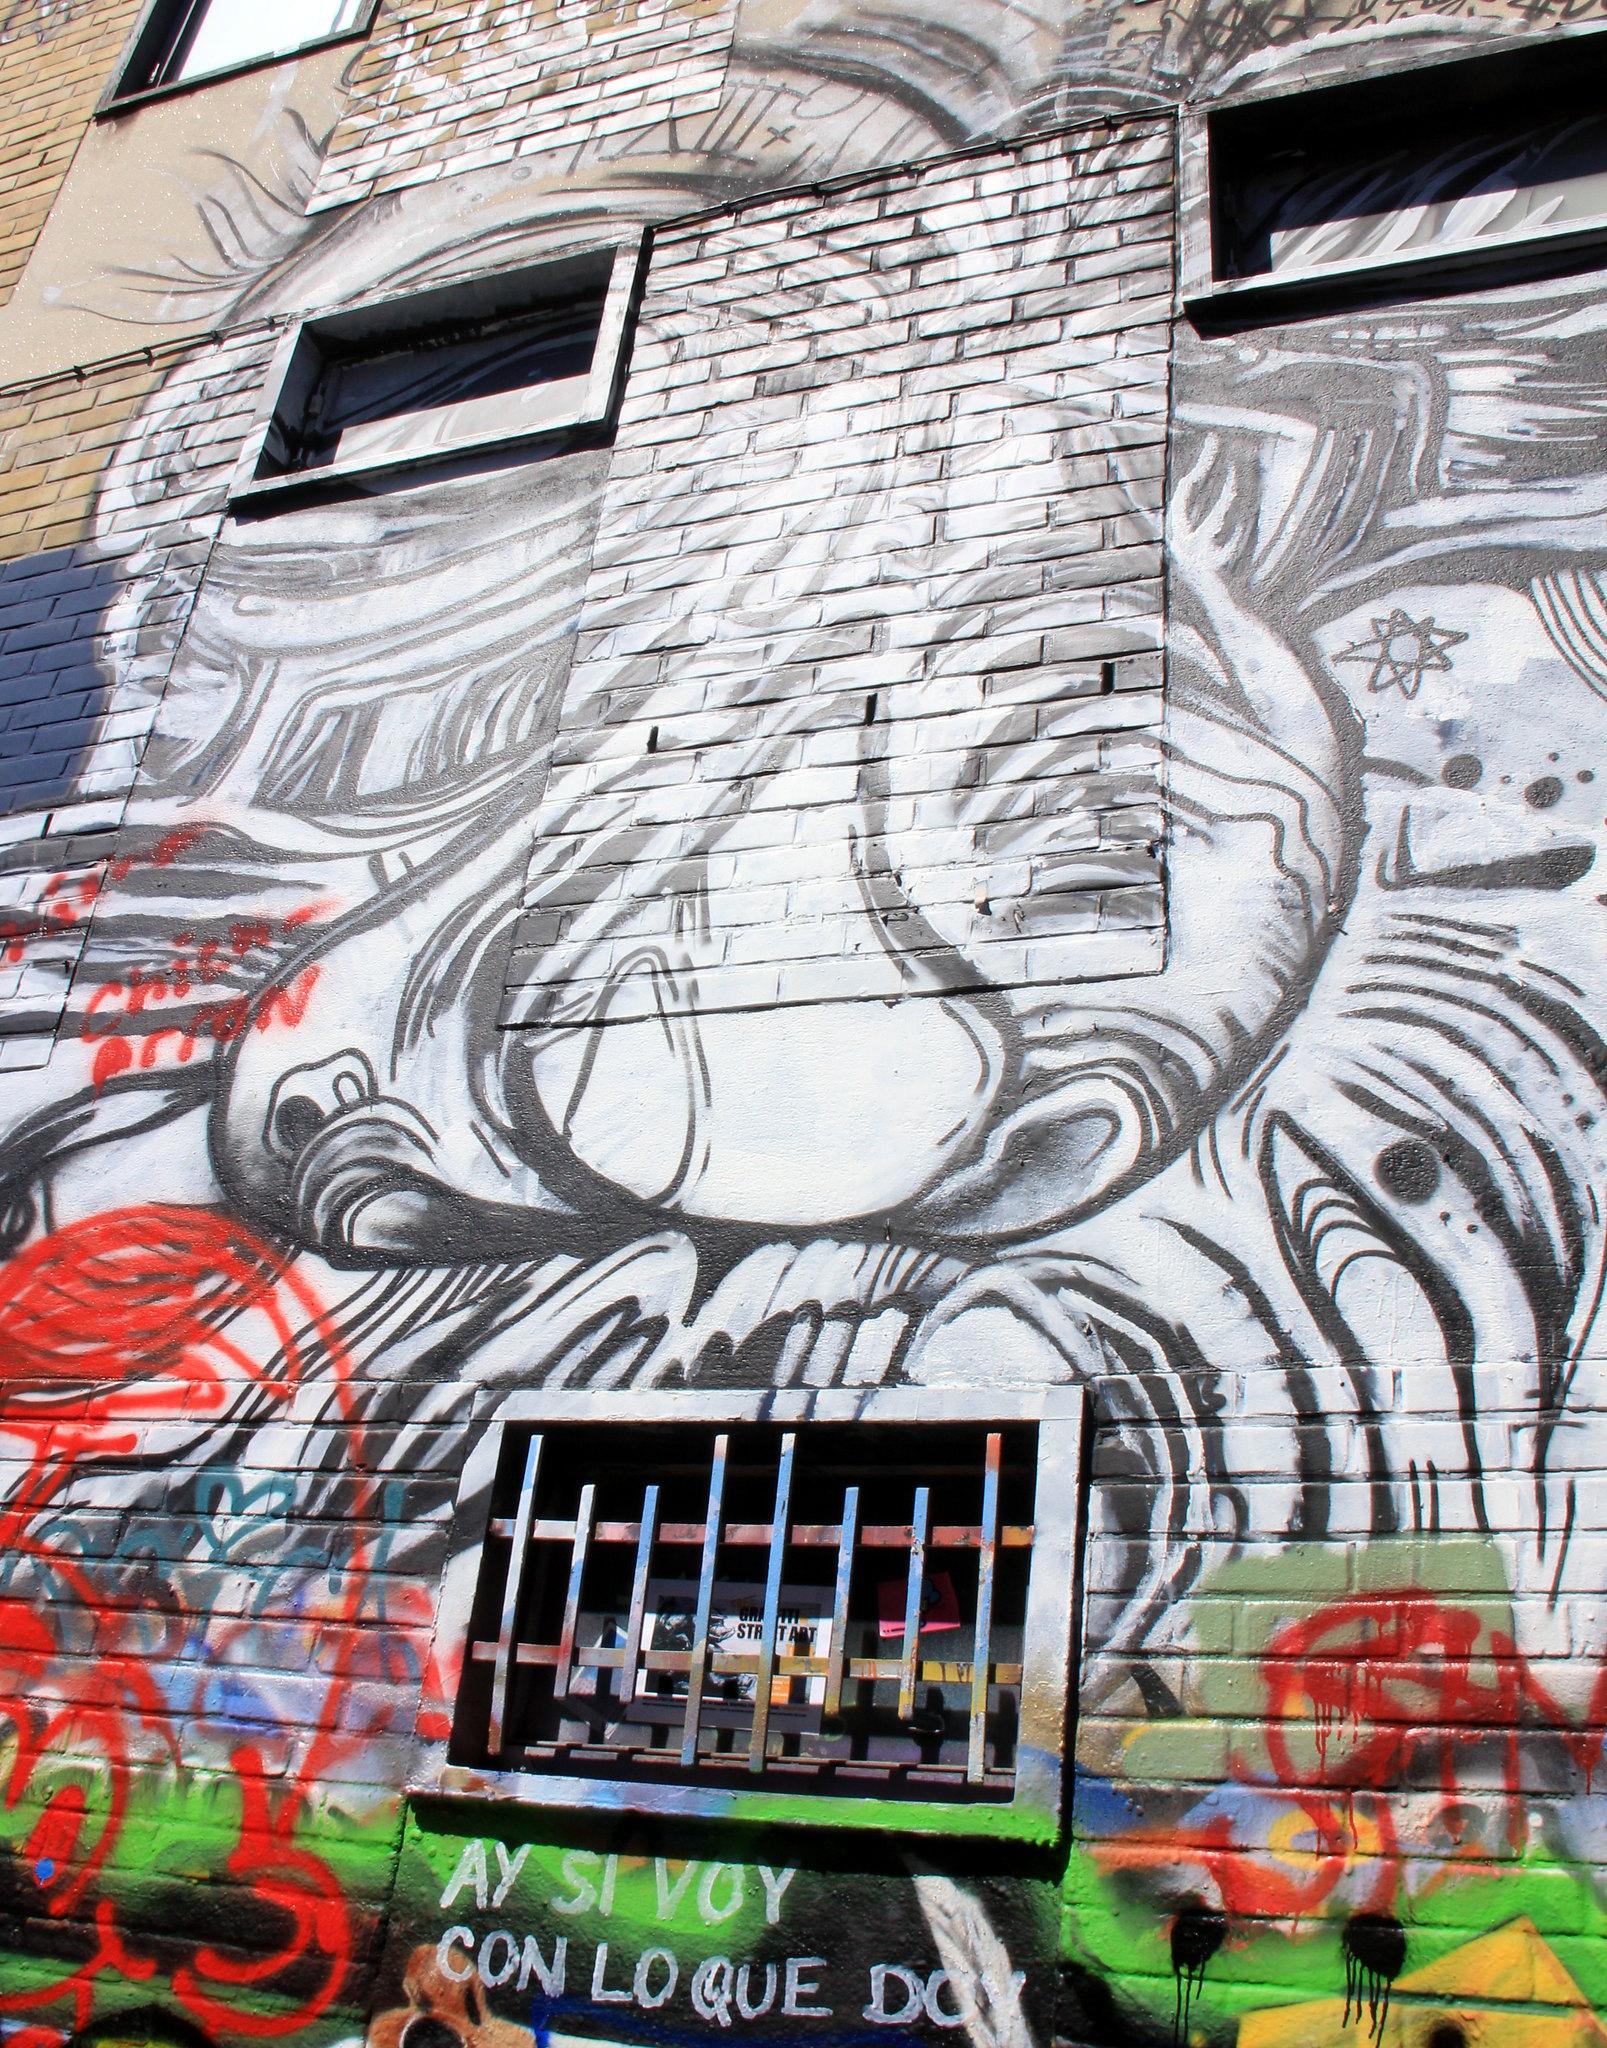 Ghent street art can be enjoyed through a tour